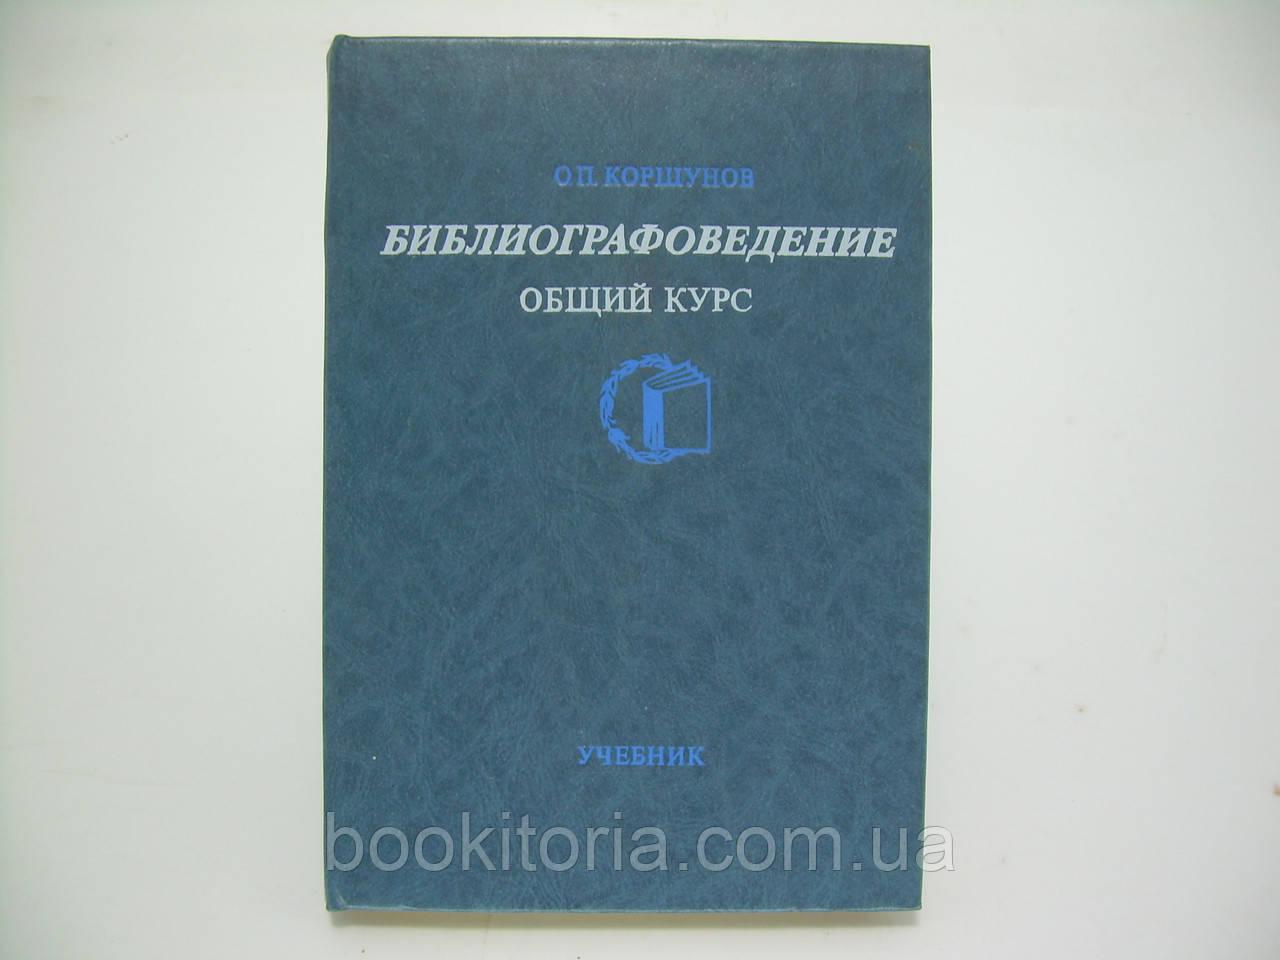 Коршунов О.П. Библиографоведение. Общий курс (б/у).